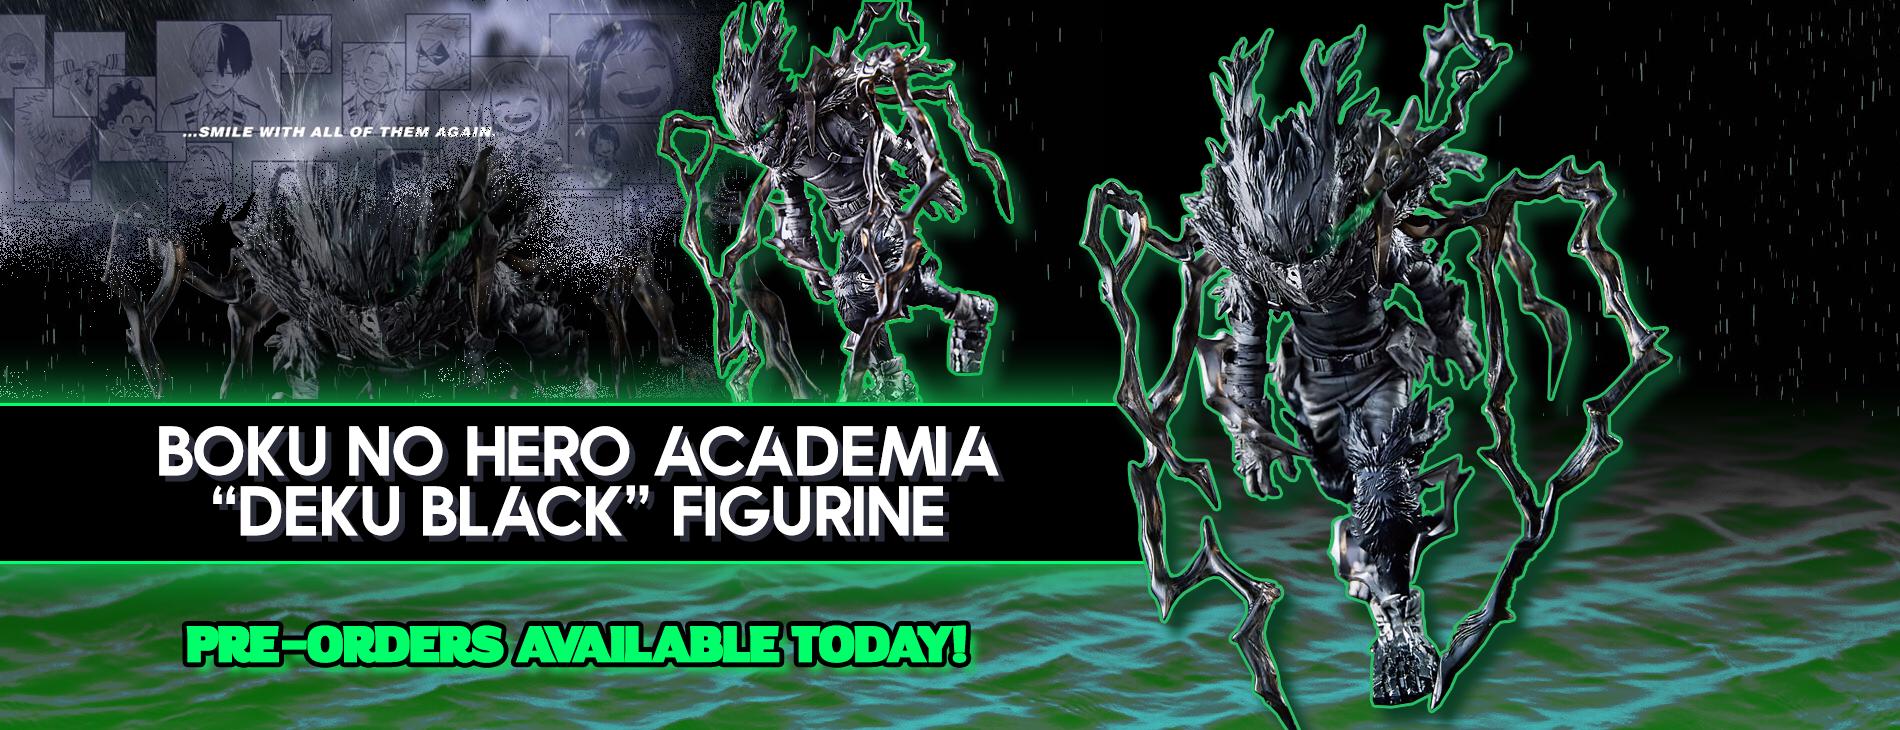 /series/boku-no-hero-academia/boku-no-hero-academia-izuku-midoriya-deku-black-jump-limited-figurine